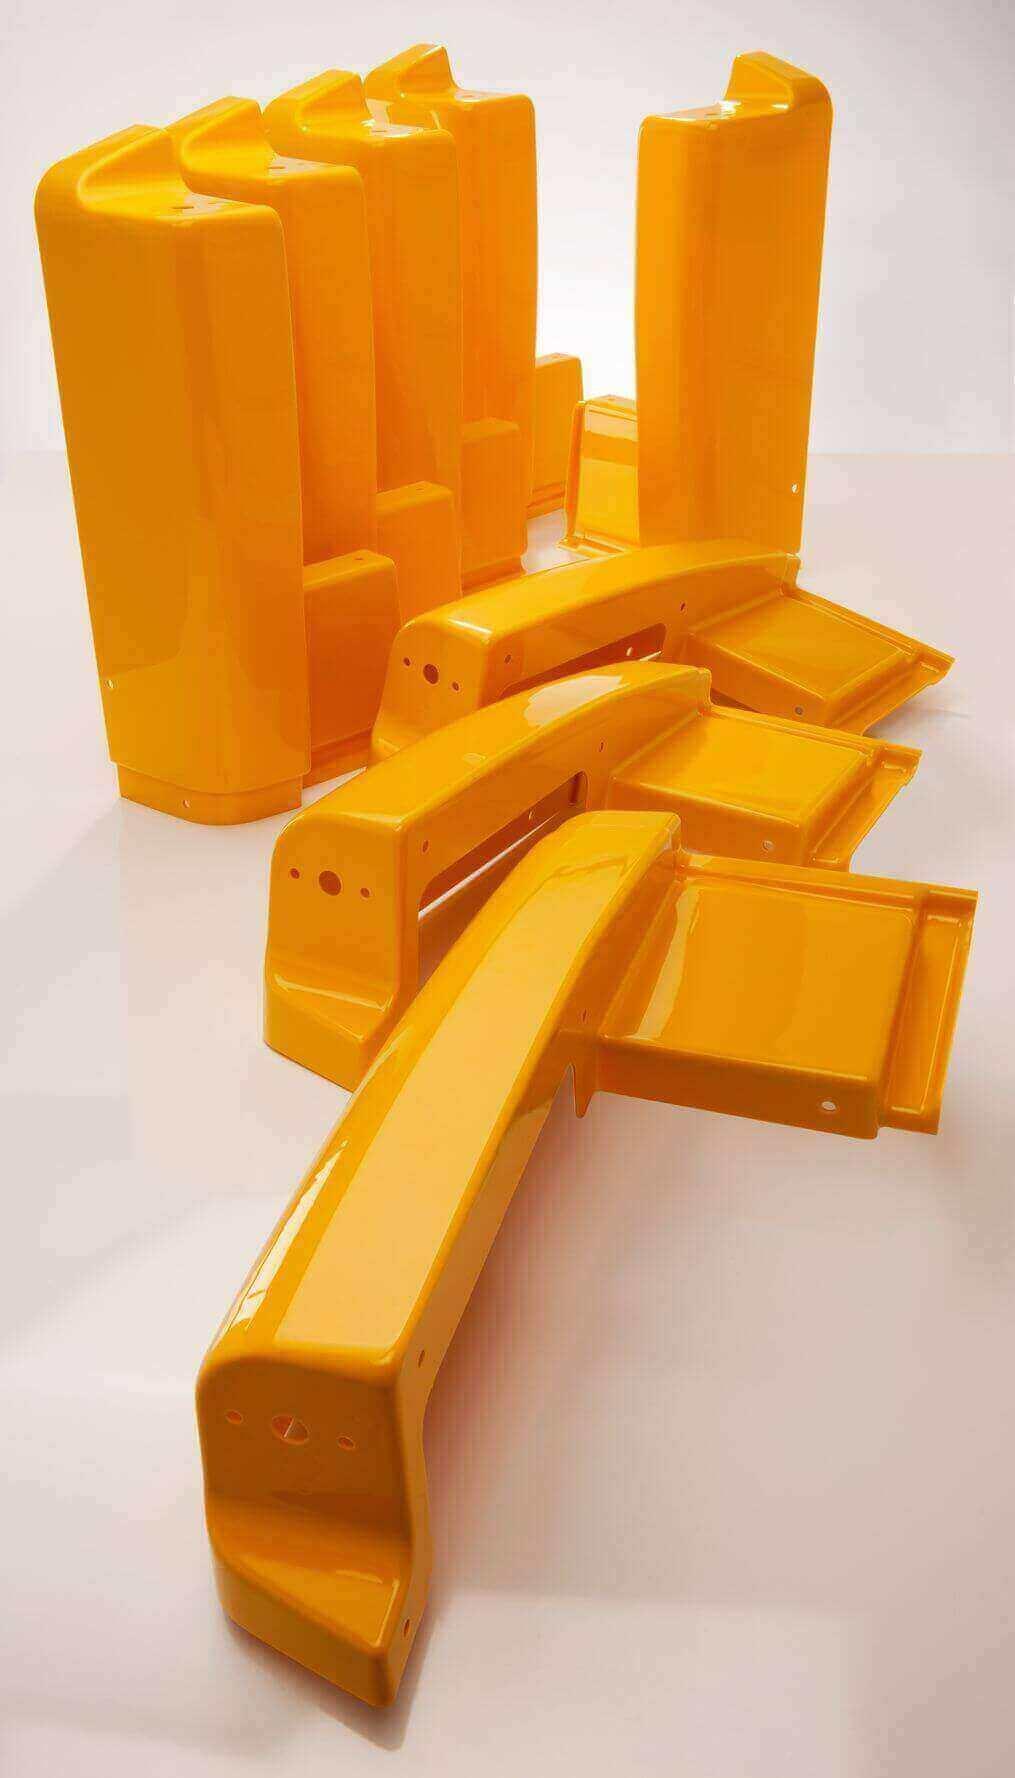 Kunststoffteile von swissplast in orange